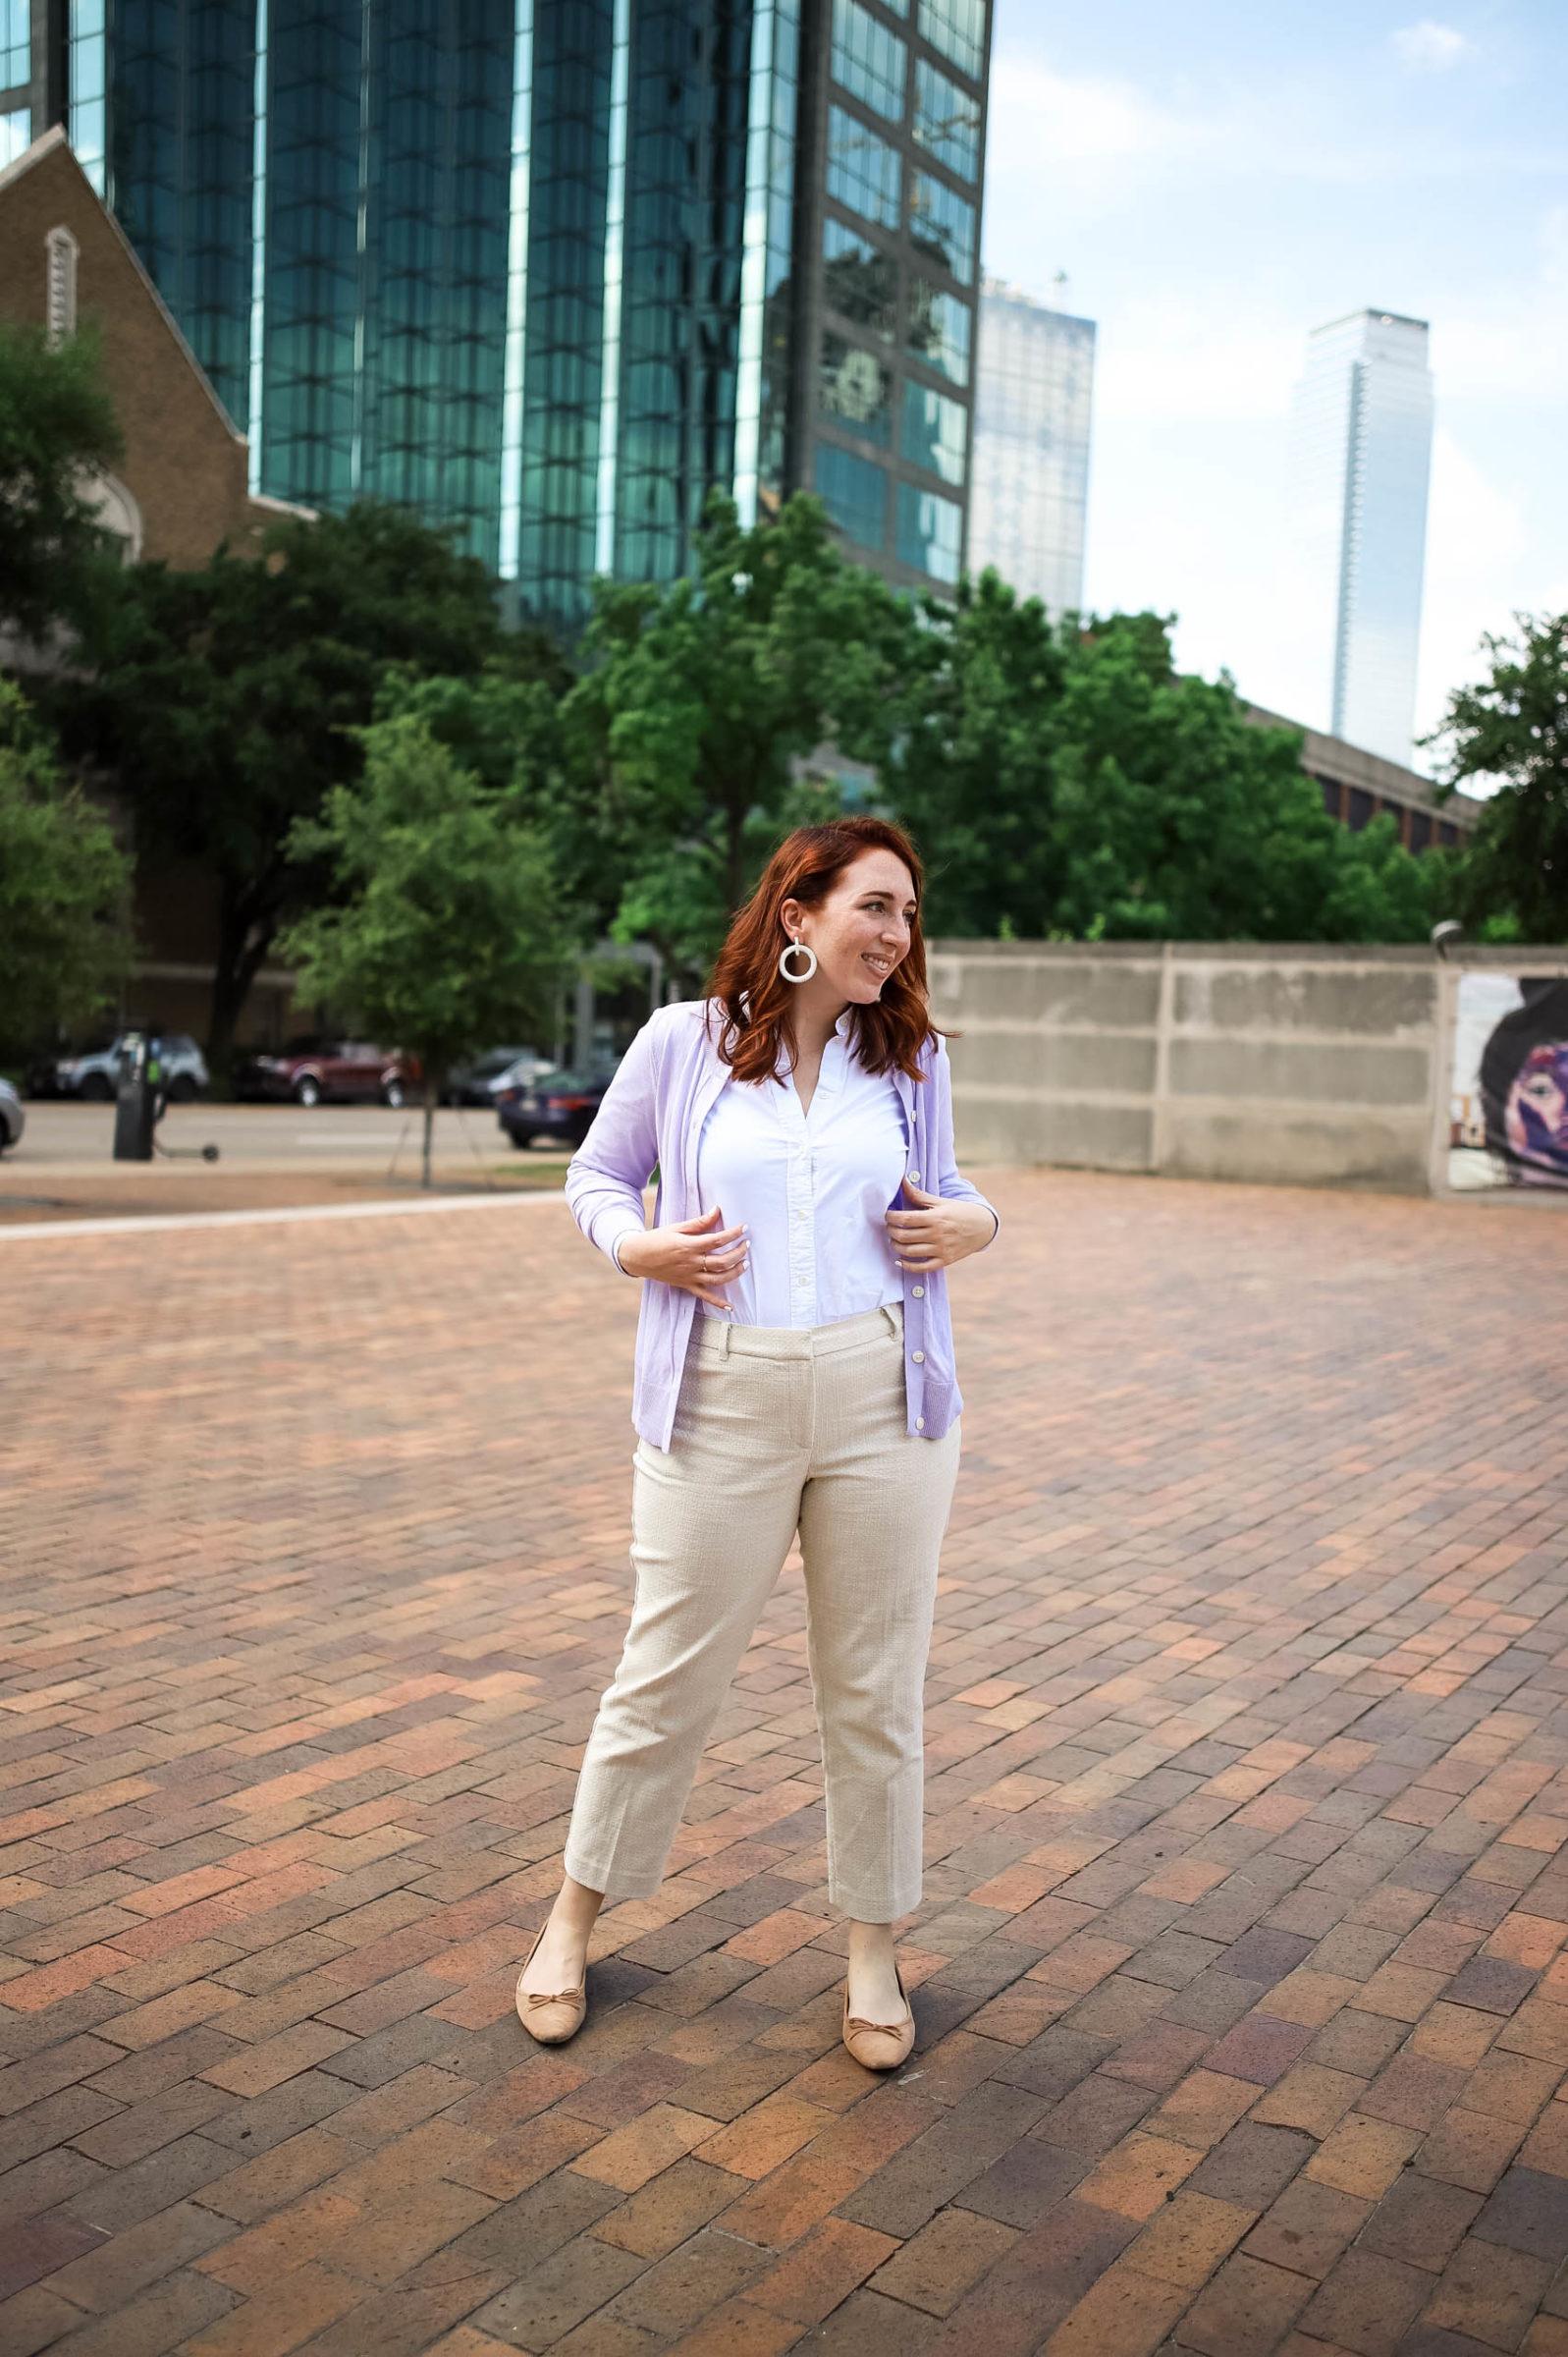 Dallas Travel Guide by a Dallas local blogger   Where to stay in Dallas   Dallas skyline photo downtown